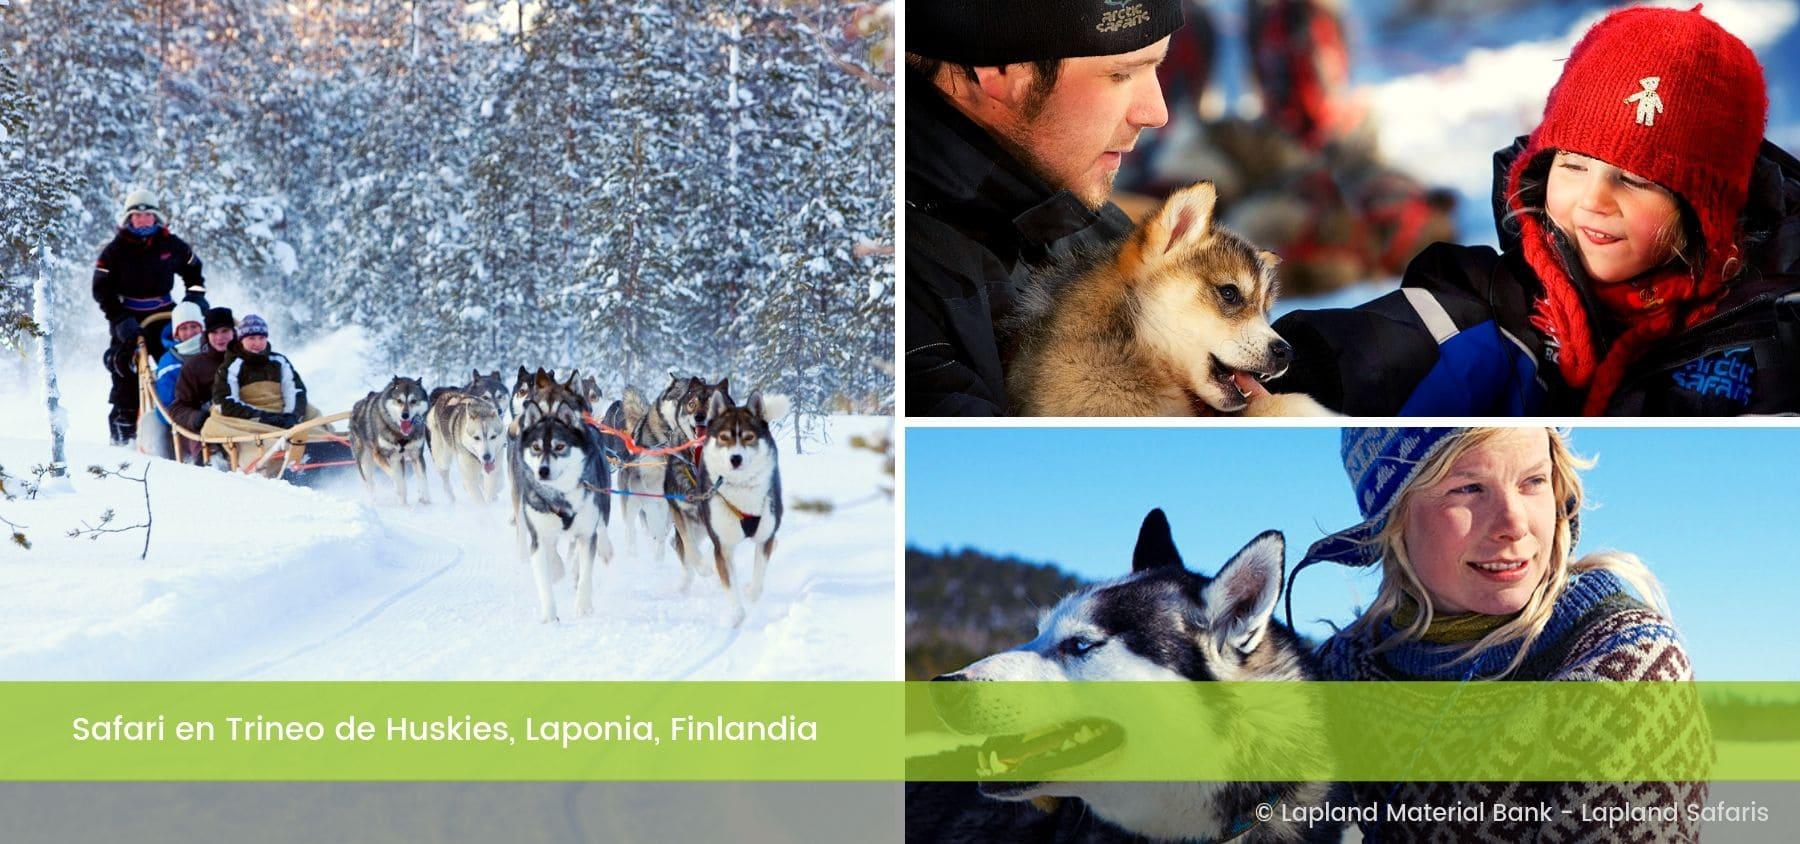 Safari Trineo de Perros Huskies Rovaniemi Laponia Finlandia